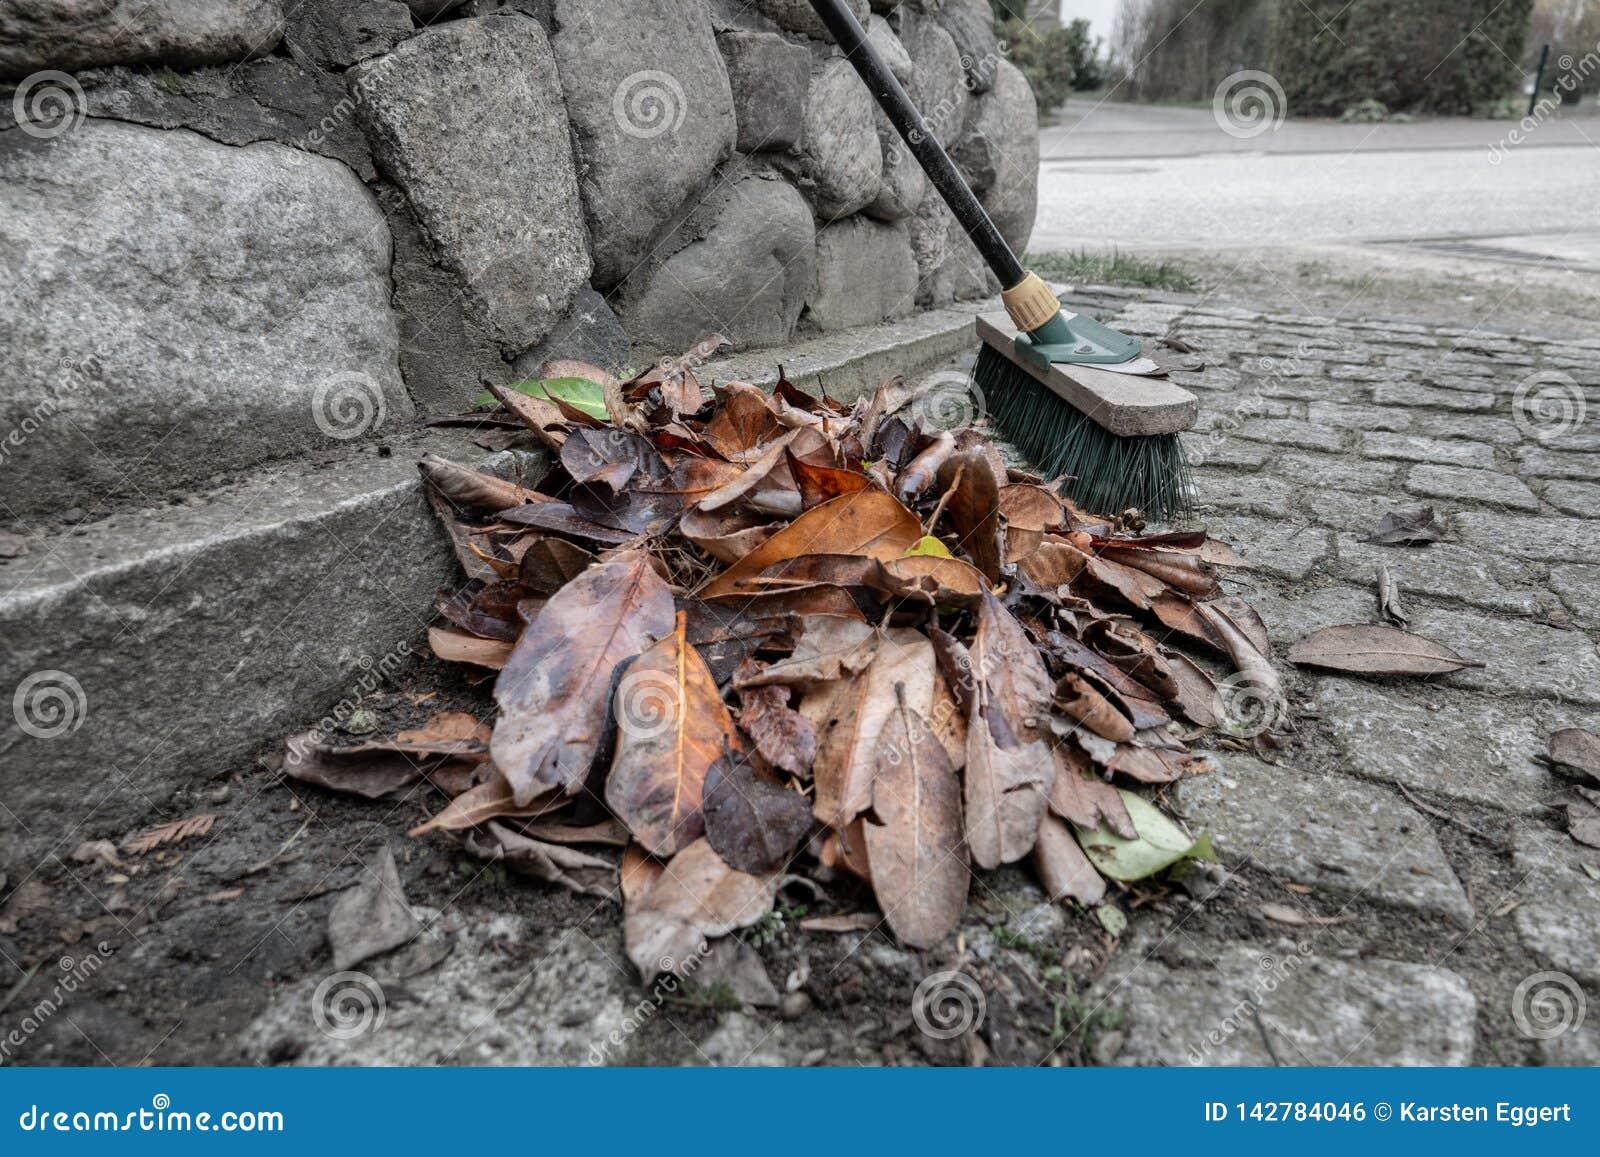 Un montón de hojas barridas